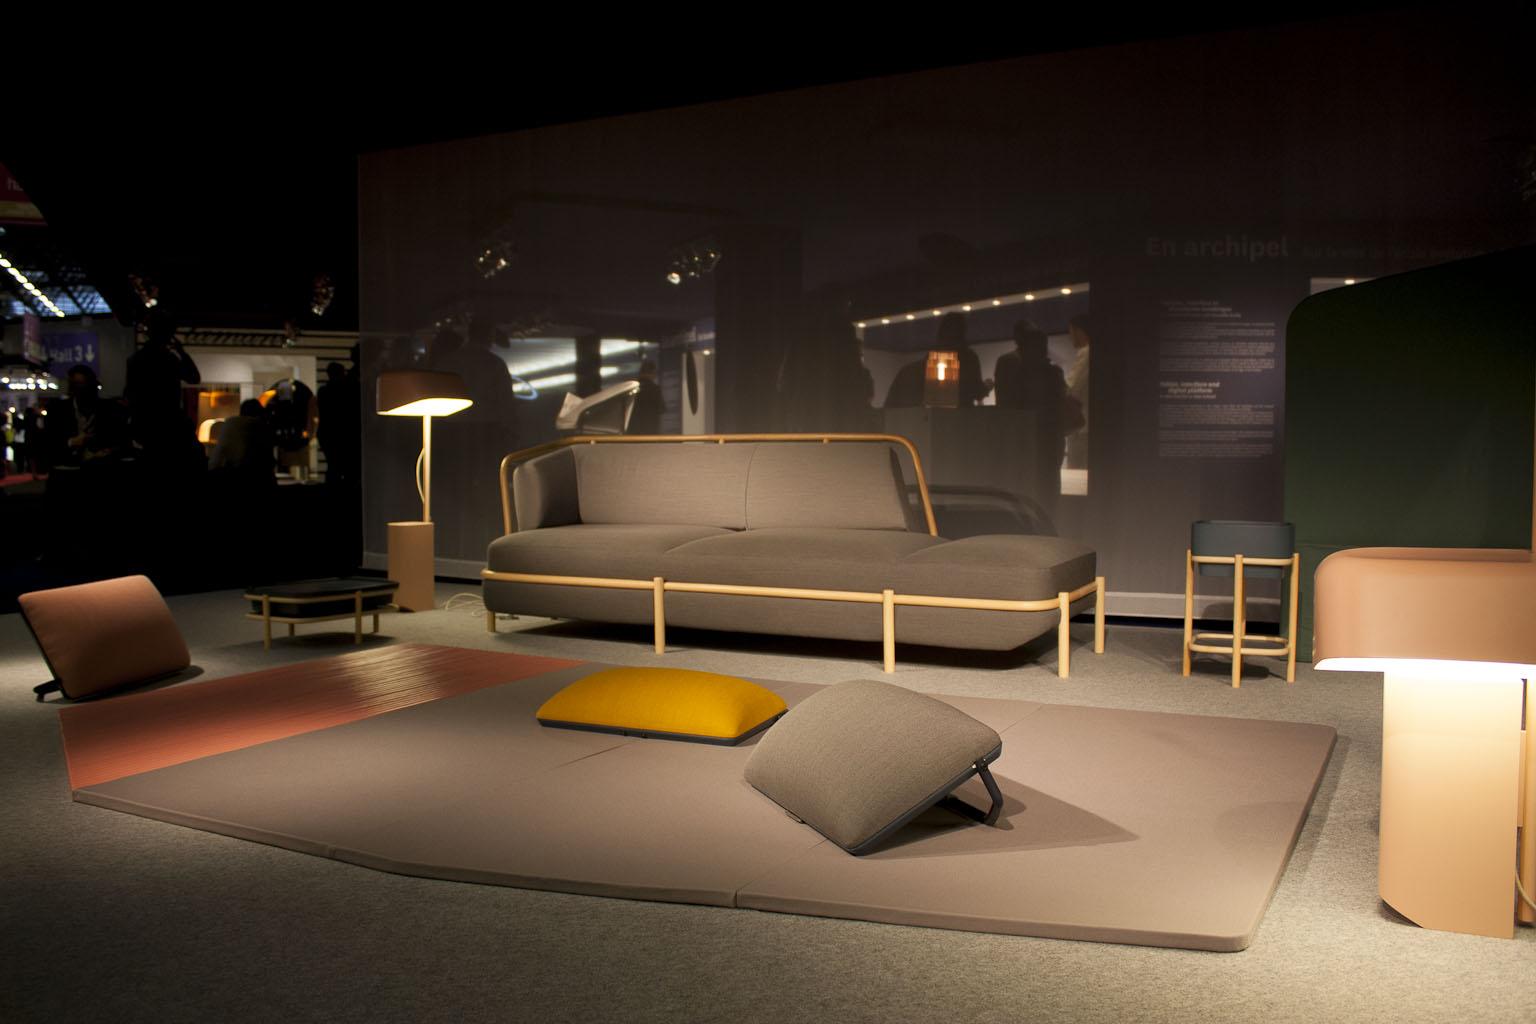 Insulaire, VIA Design, Maison et objet janvier 2014